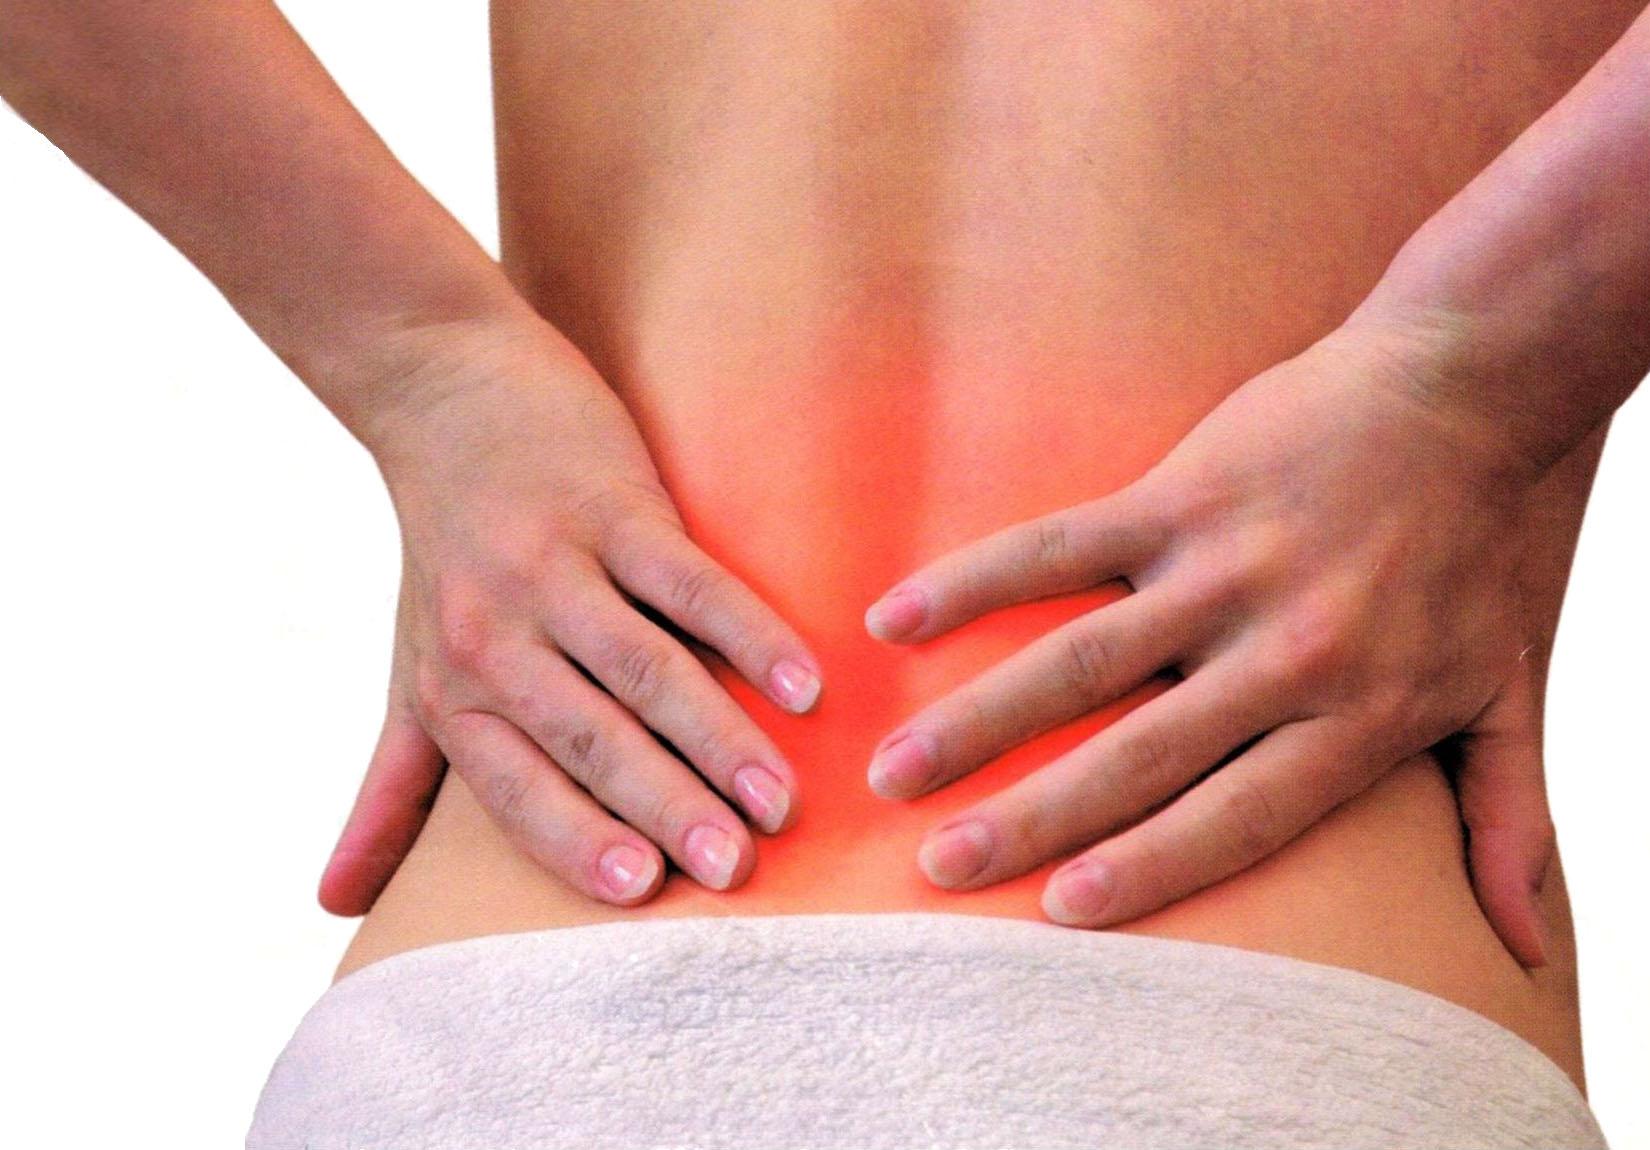 Хронический пиелонефрит у женщин: как бороться с болезнью